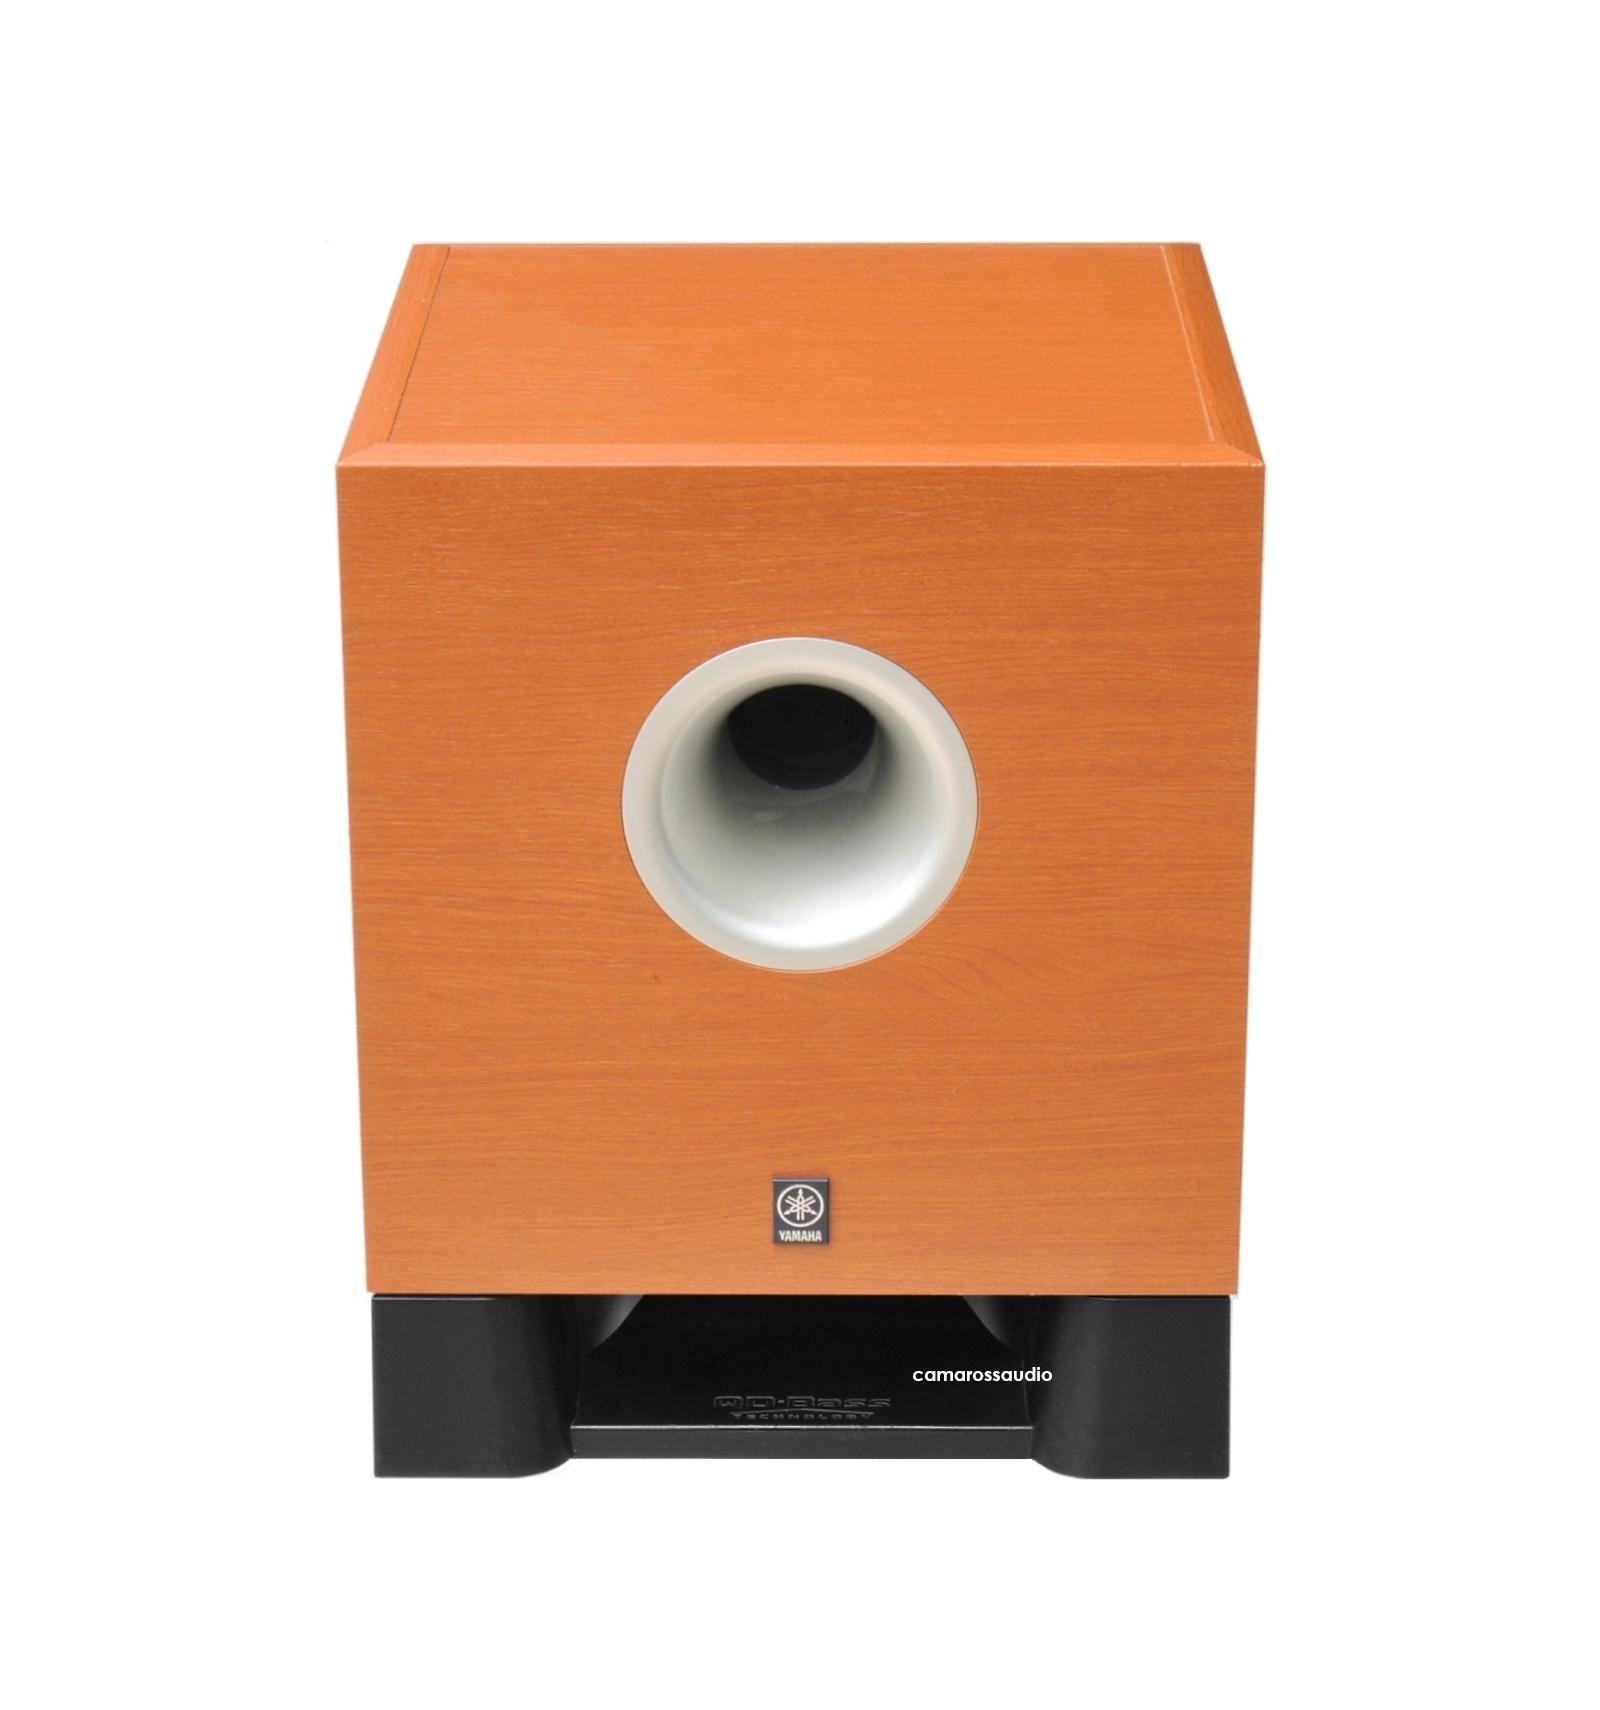 yamahaystsw011 yamaha yst sw yst yamahasubwoofer. Black Bedroom Furniture Sets. Home Design Ideas